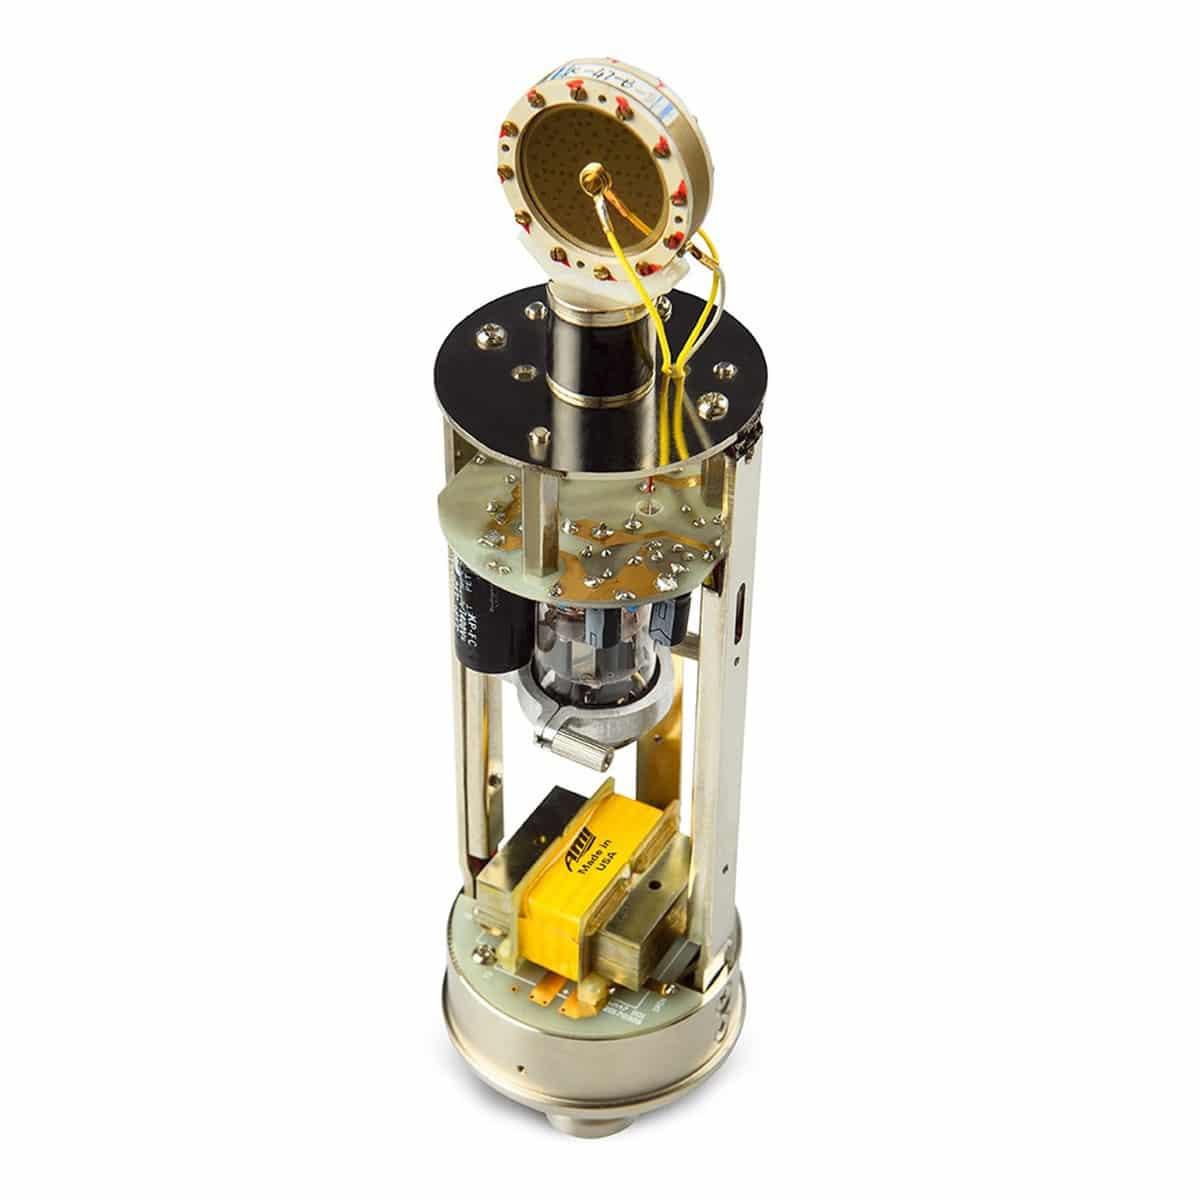 Warm Audio WA 47 03 Microfoni a Condensatore, Microfoni professionali, Strumentazioni Pro Audio per studi di registrazione